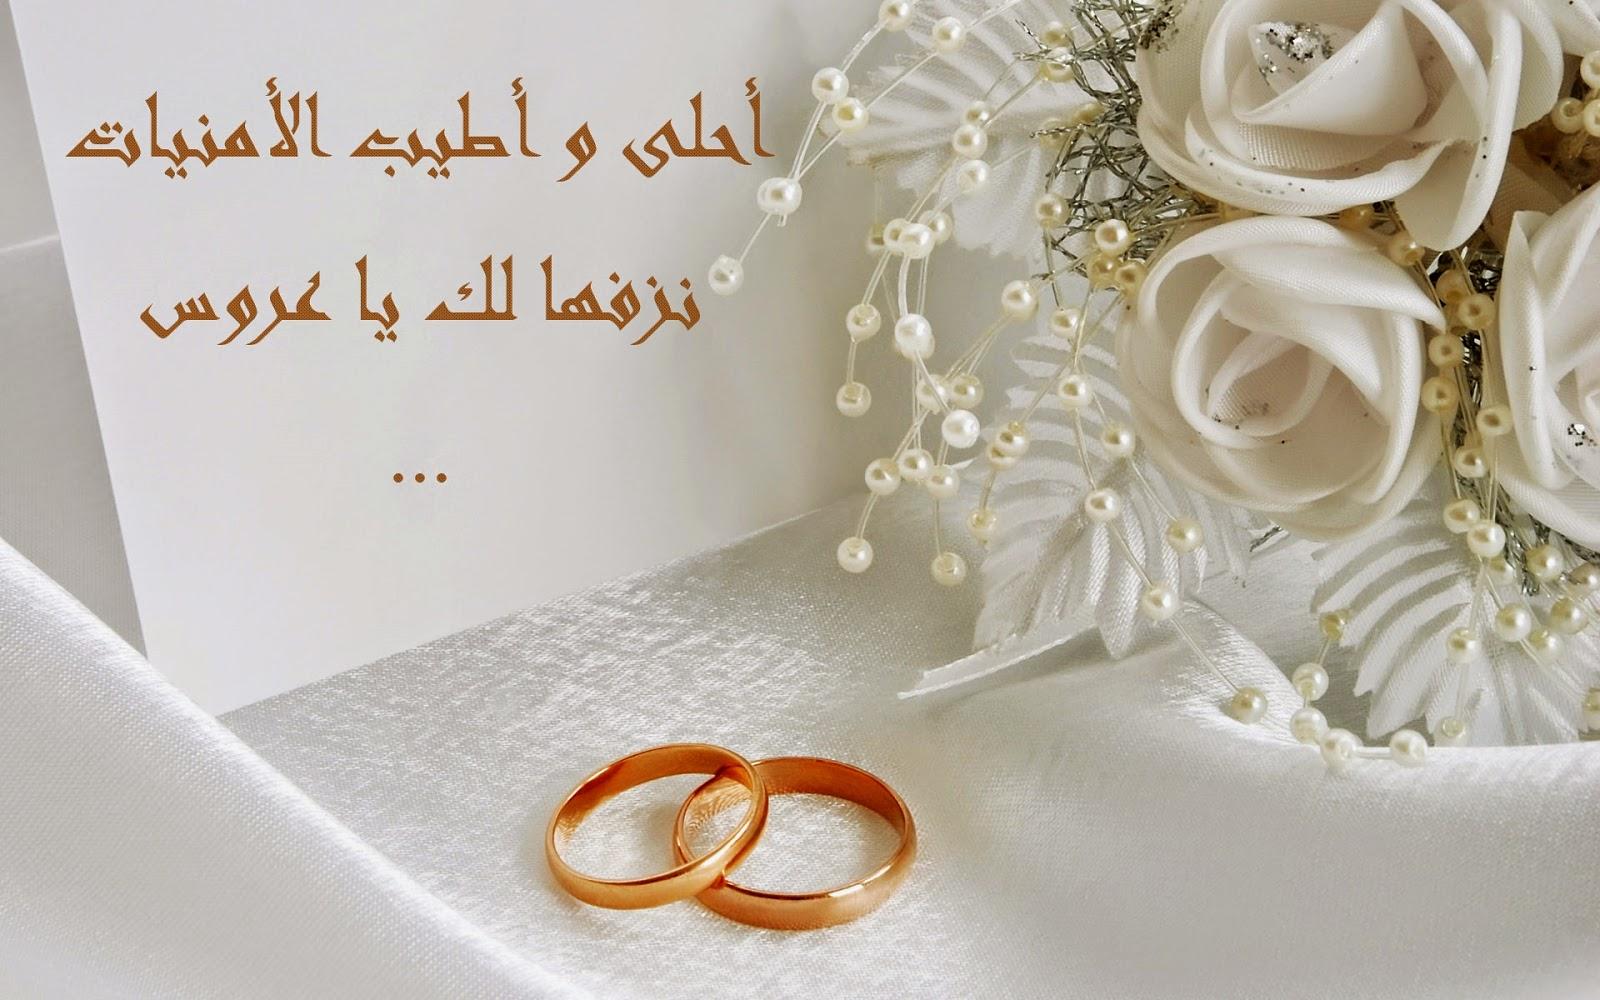 رسائل تهنئة لاخي بالزواج المبارك .